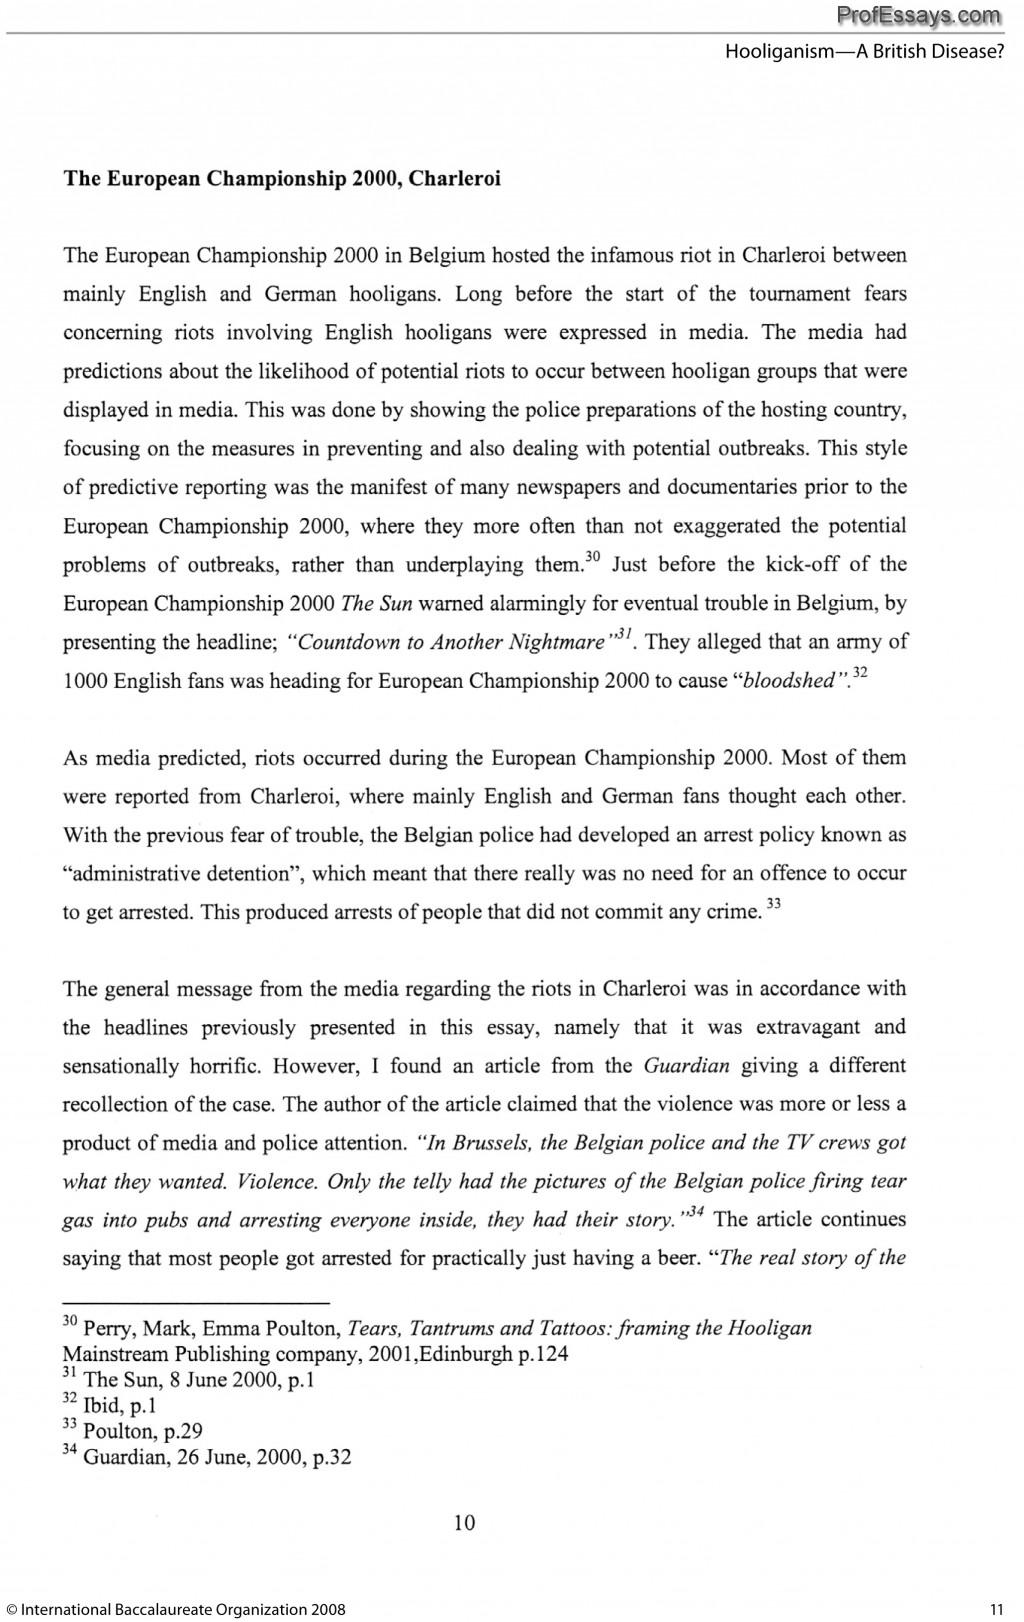 Argumentative paragraphs essays